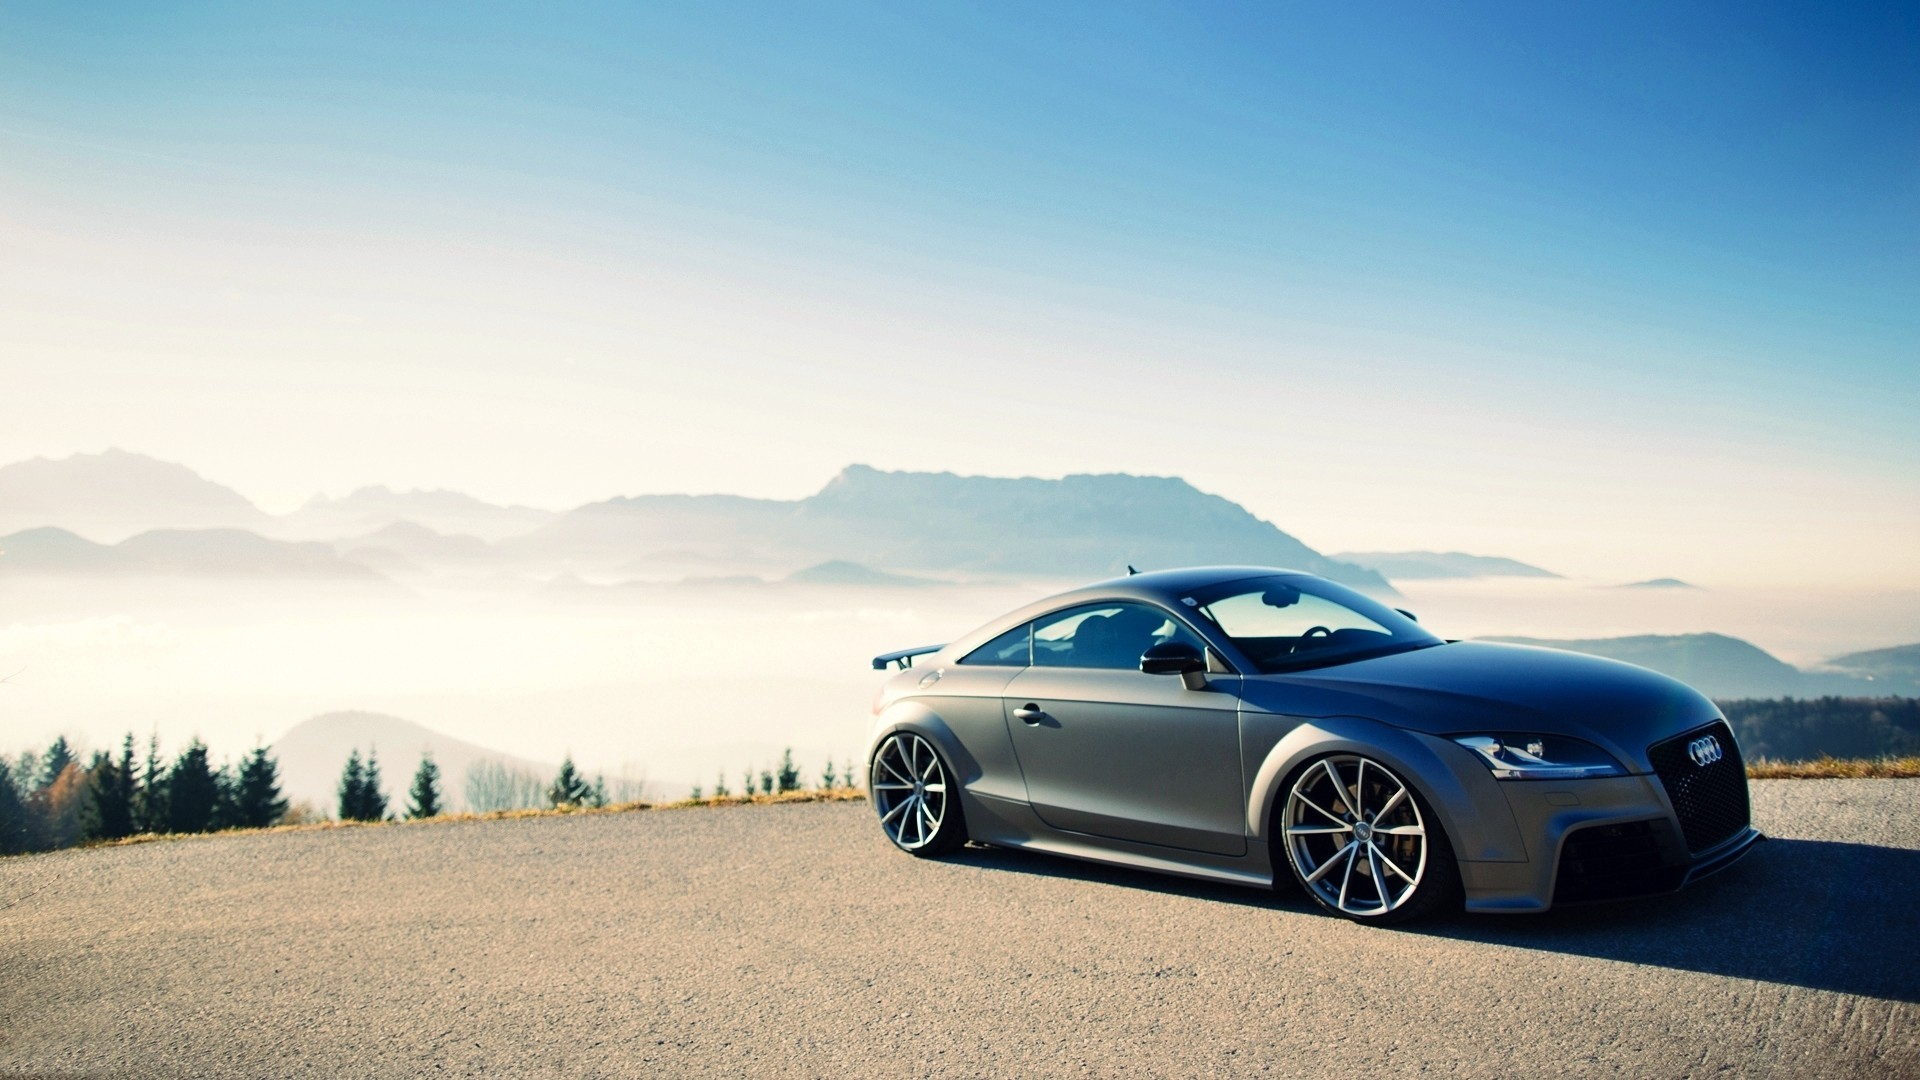 Audi TT спорткар дорога  № 3769046 бесплатно